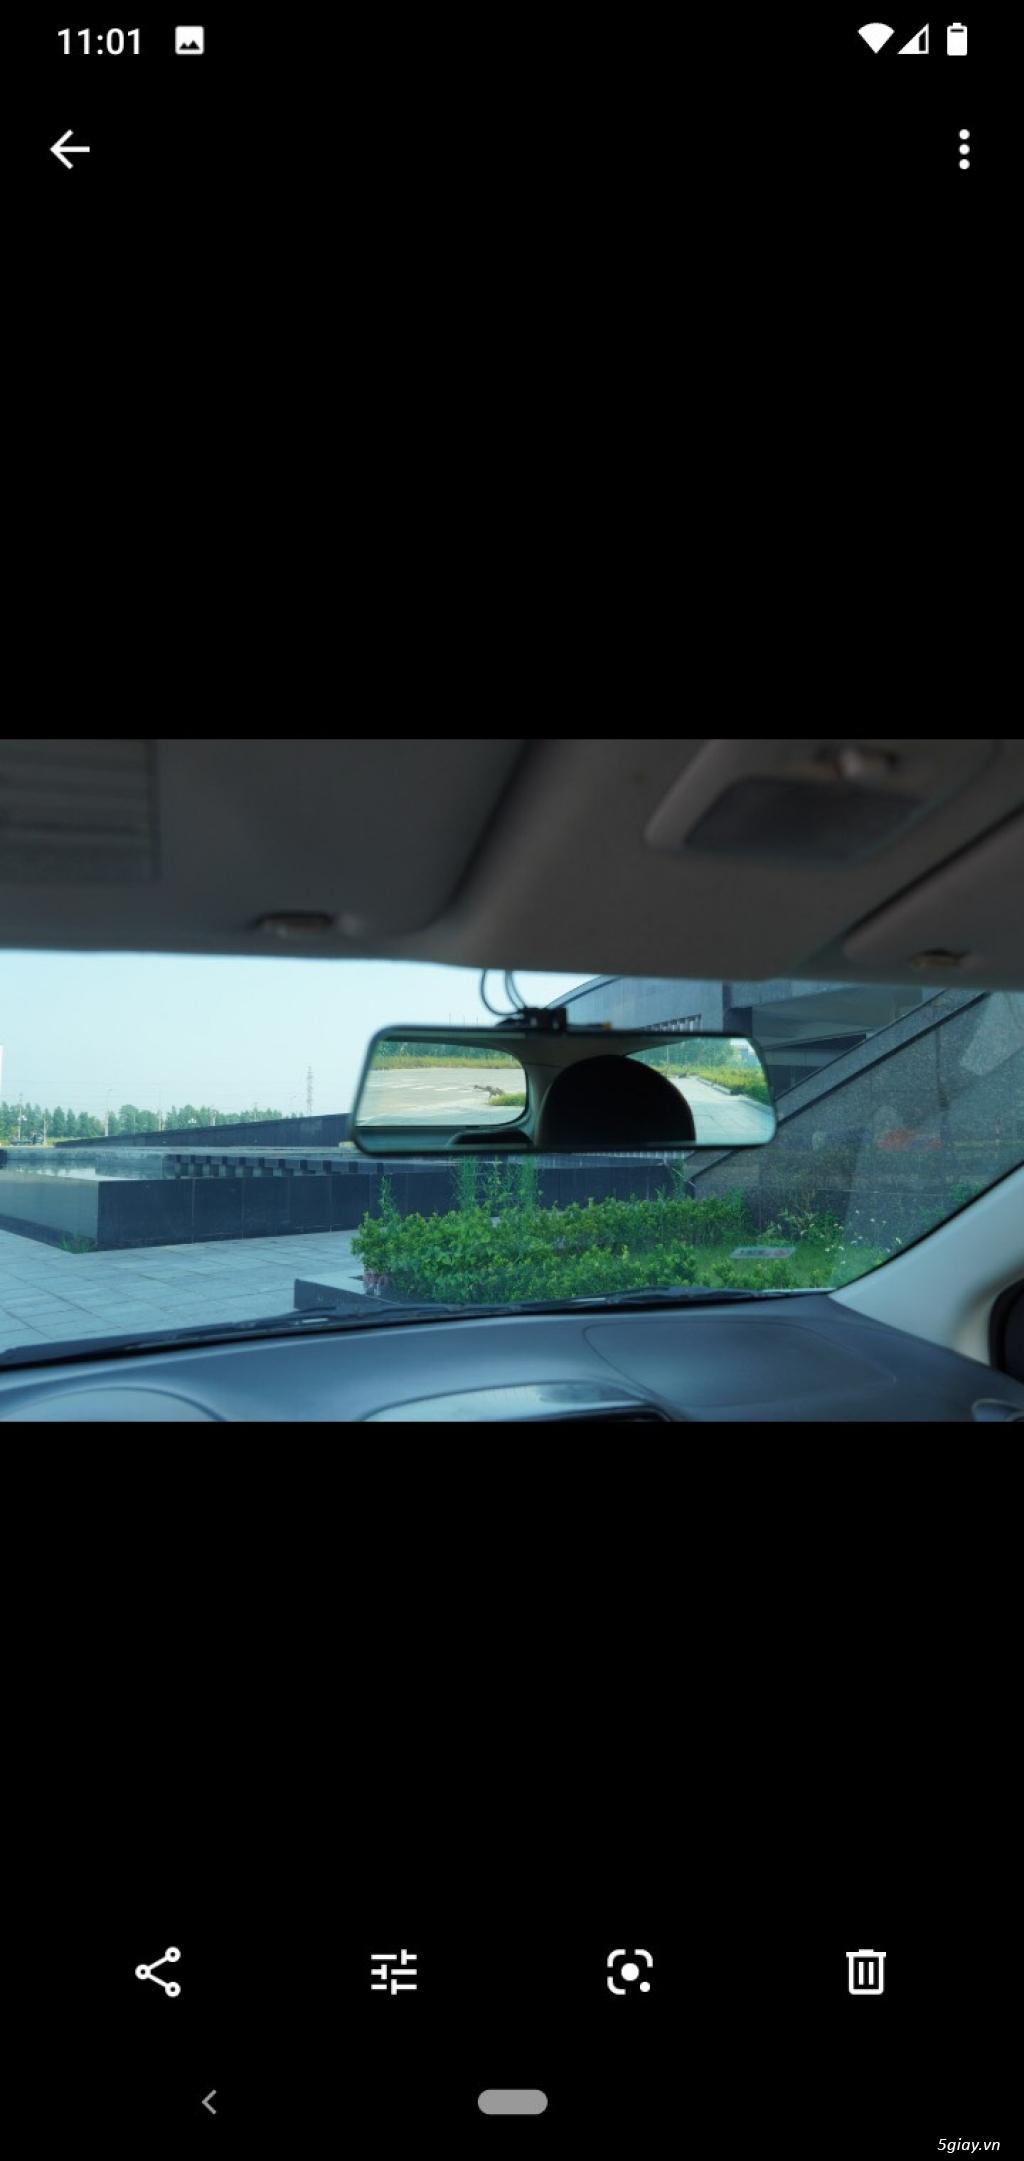 Sale sốc  Camera hành trình cho xe ô tô giá siêu rẻ tại HP - 38